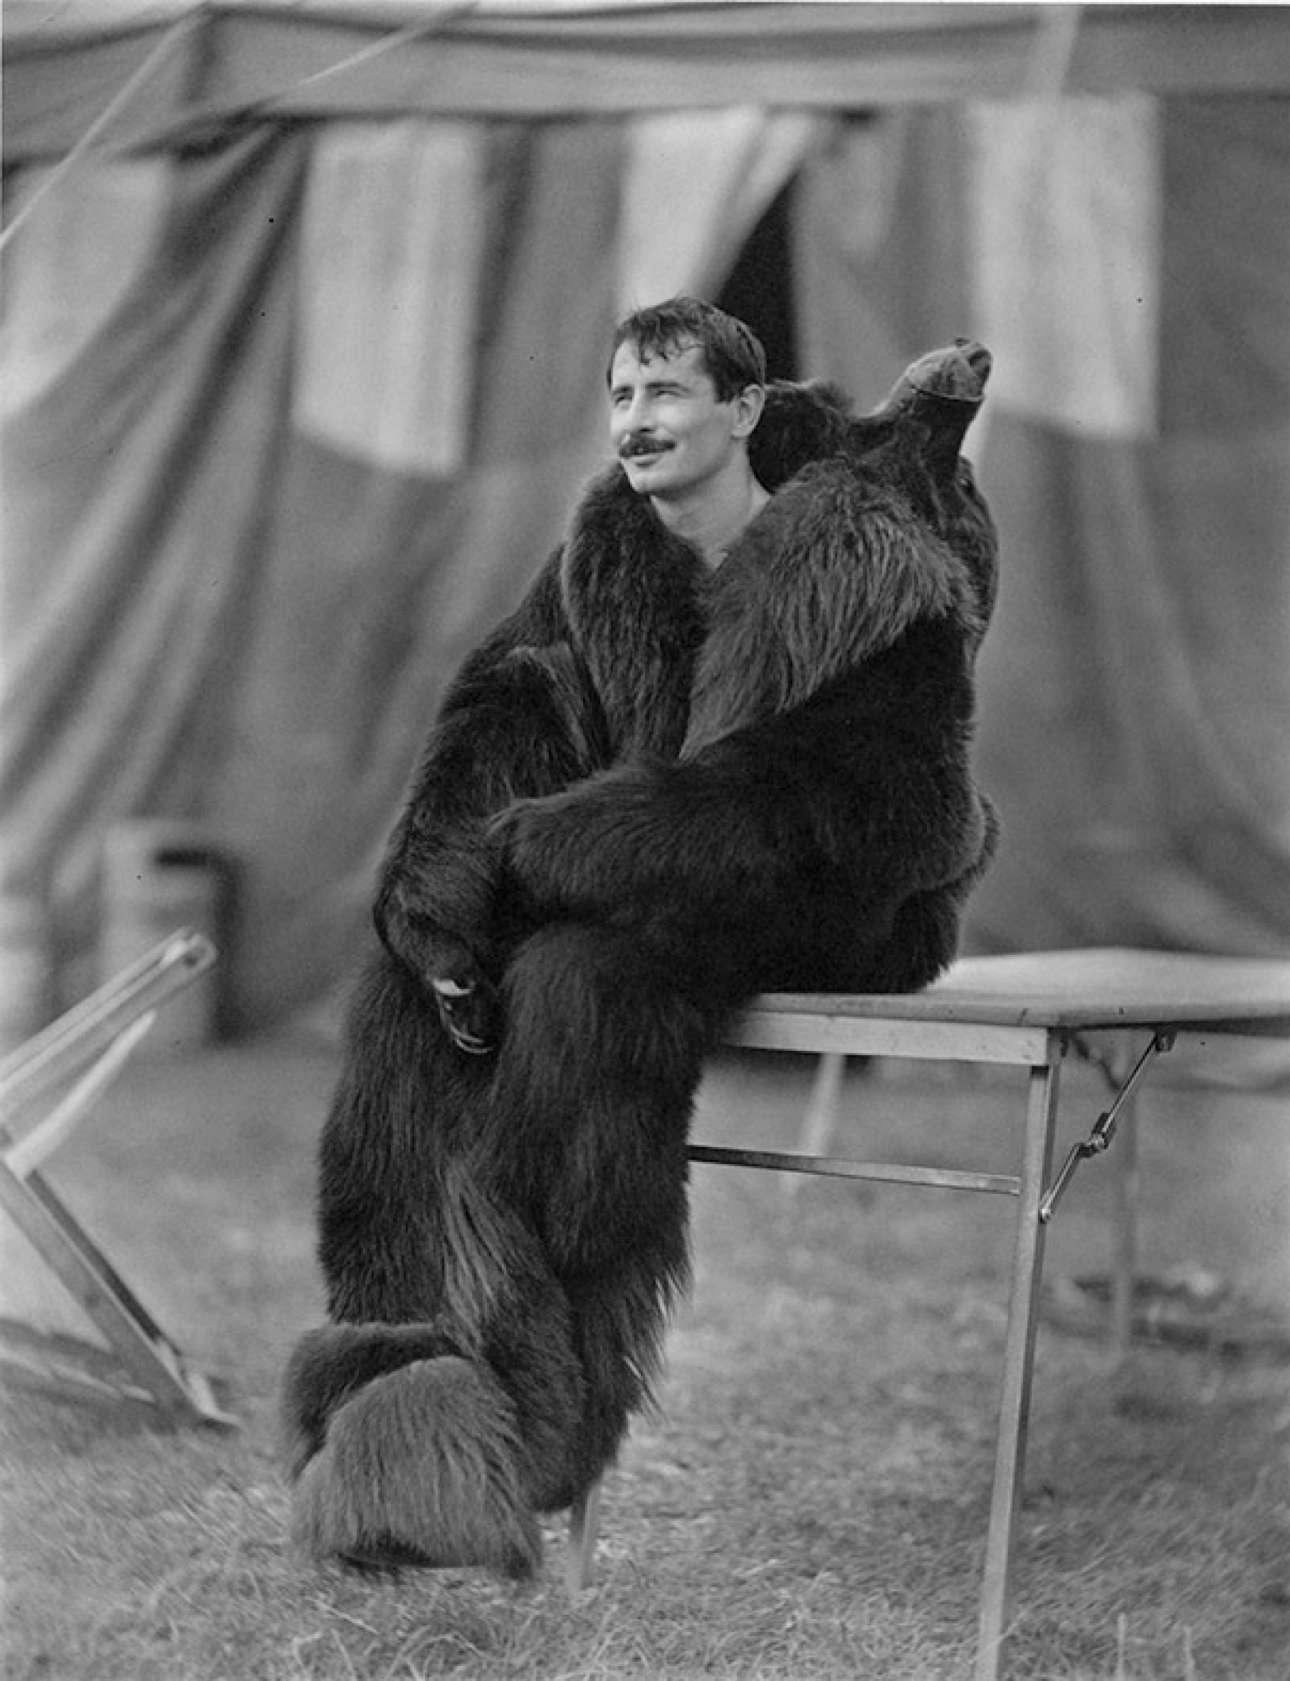 Ο Ρουσλάν Ντορμπεκόφ του Κρατικού Τσίρκου Μόσχας με στολή αρκούδας, το 1988. Ο Ντορμπεκόφ, μέλος του ιππικού θιάσου των Κοζάκων, σκοτώθηκε από μία αντίπαλη φατρία μετά τις πολιτικές αναταράξεις στη Ρωσία